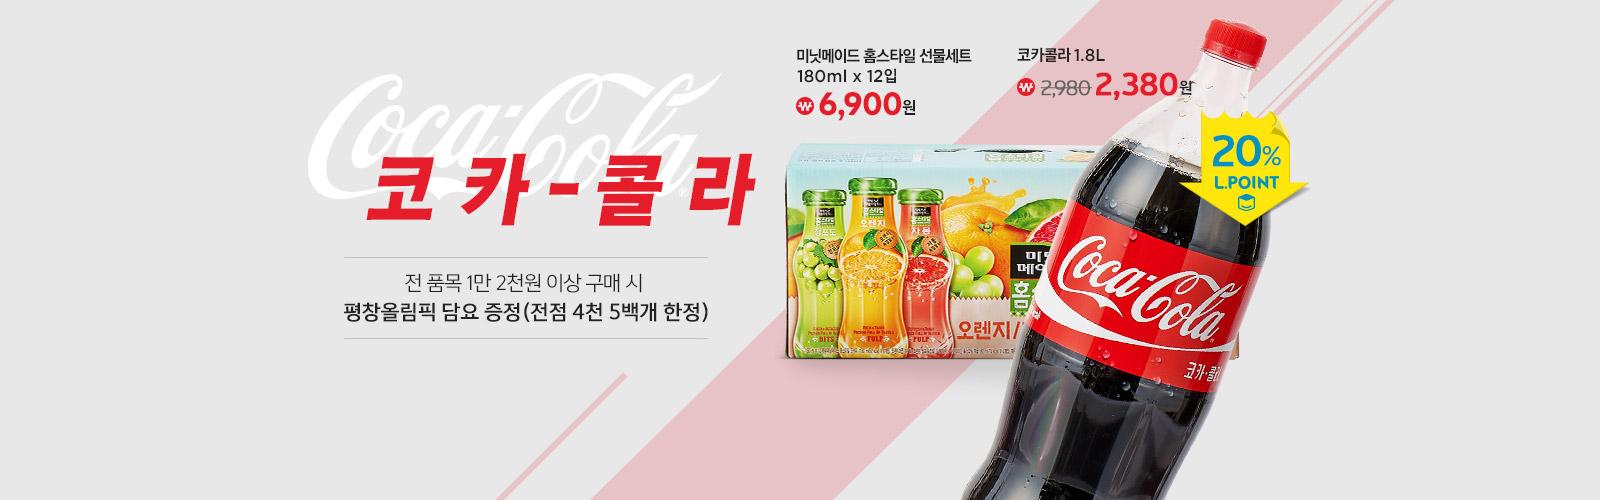 코카-콜라 전품목 1만 2천원이상 구매 시 평창올림픽 담요 증정(전점 4천 5백개 한정) 미닛메이드 홈스타일 선물세트 코카콜라 1.8L